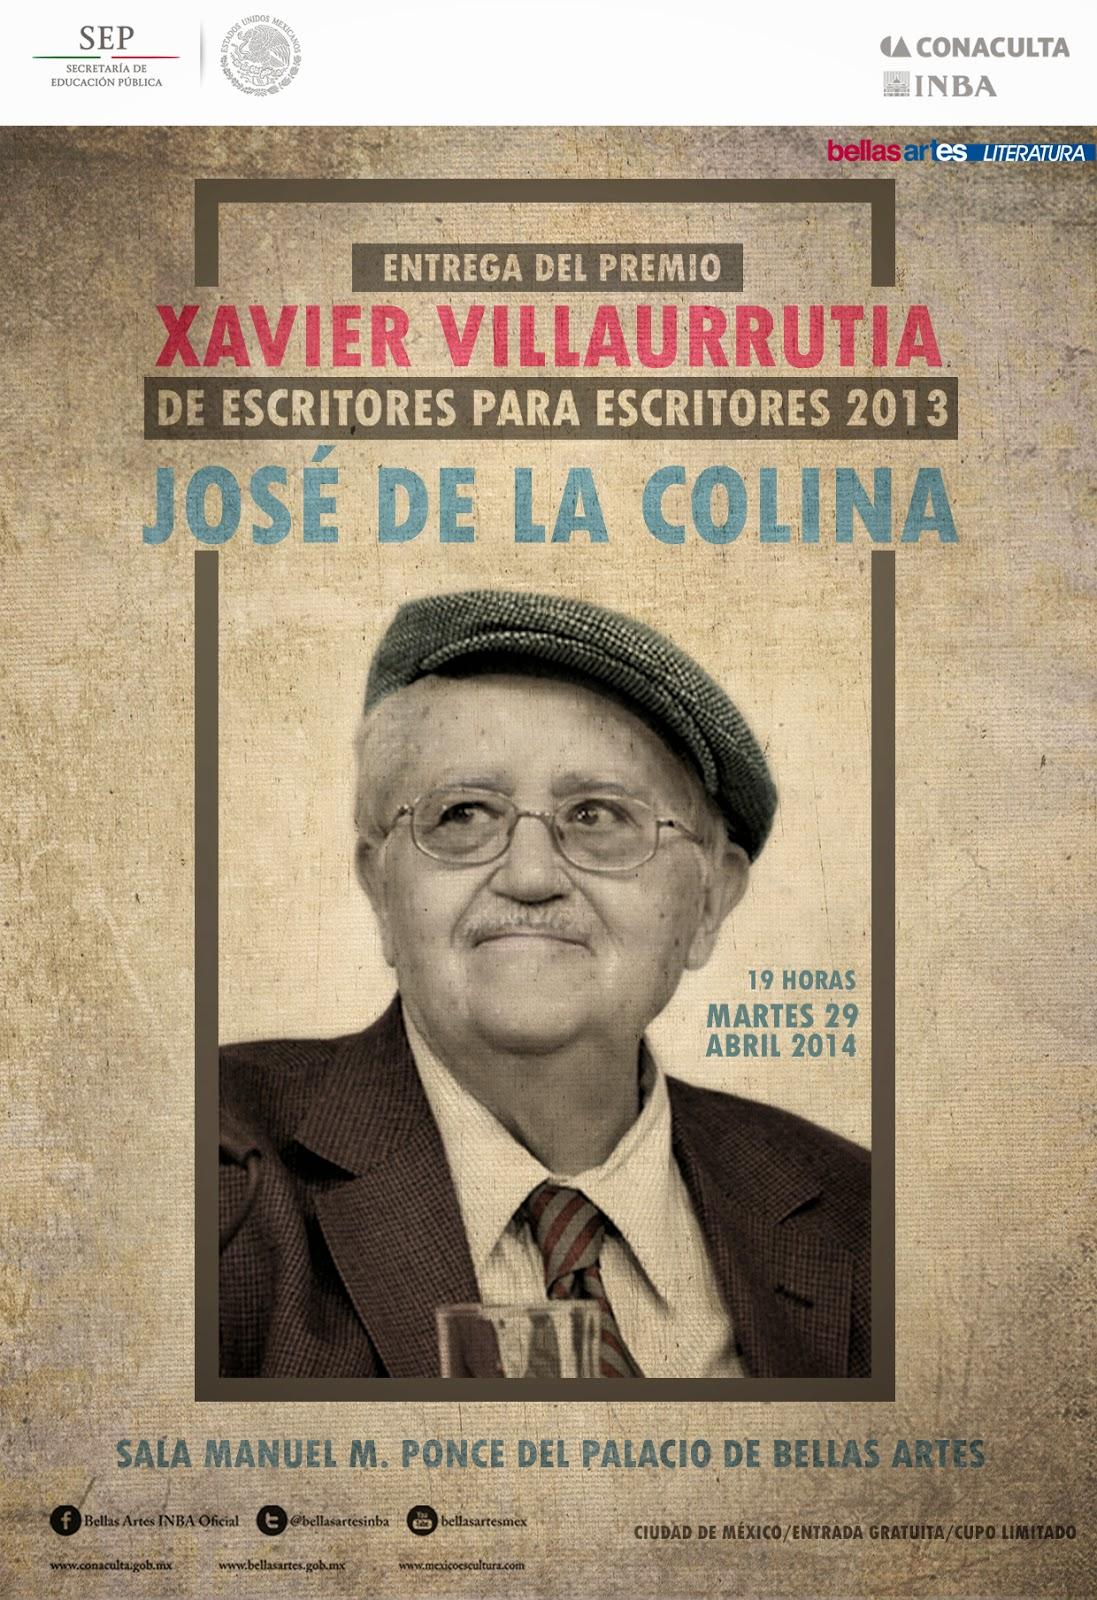 Entrega del Premio Xavier Villaurrutia a José de la Colina en Bellas Artes